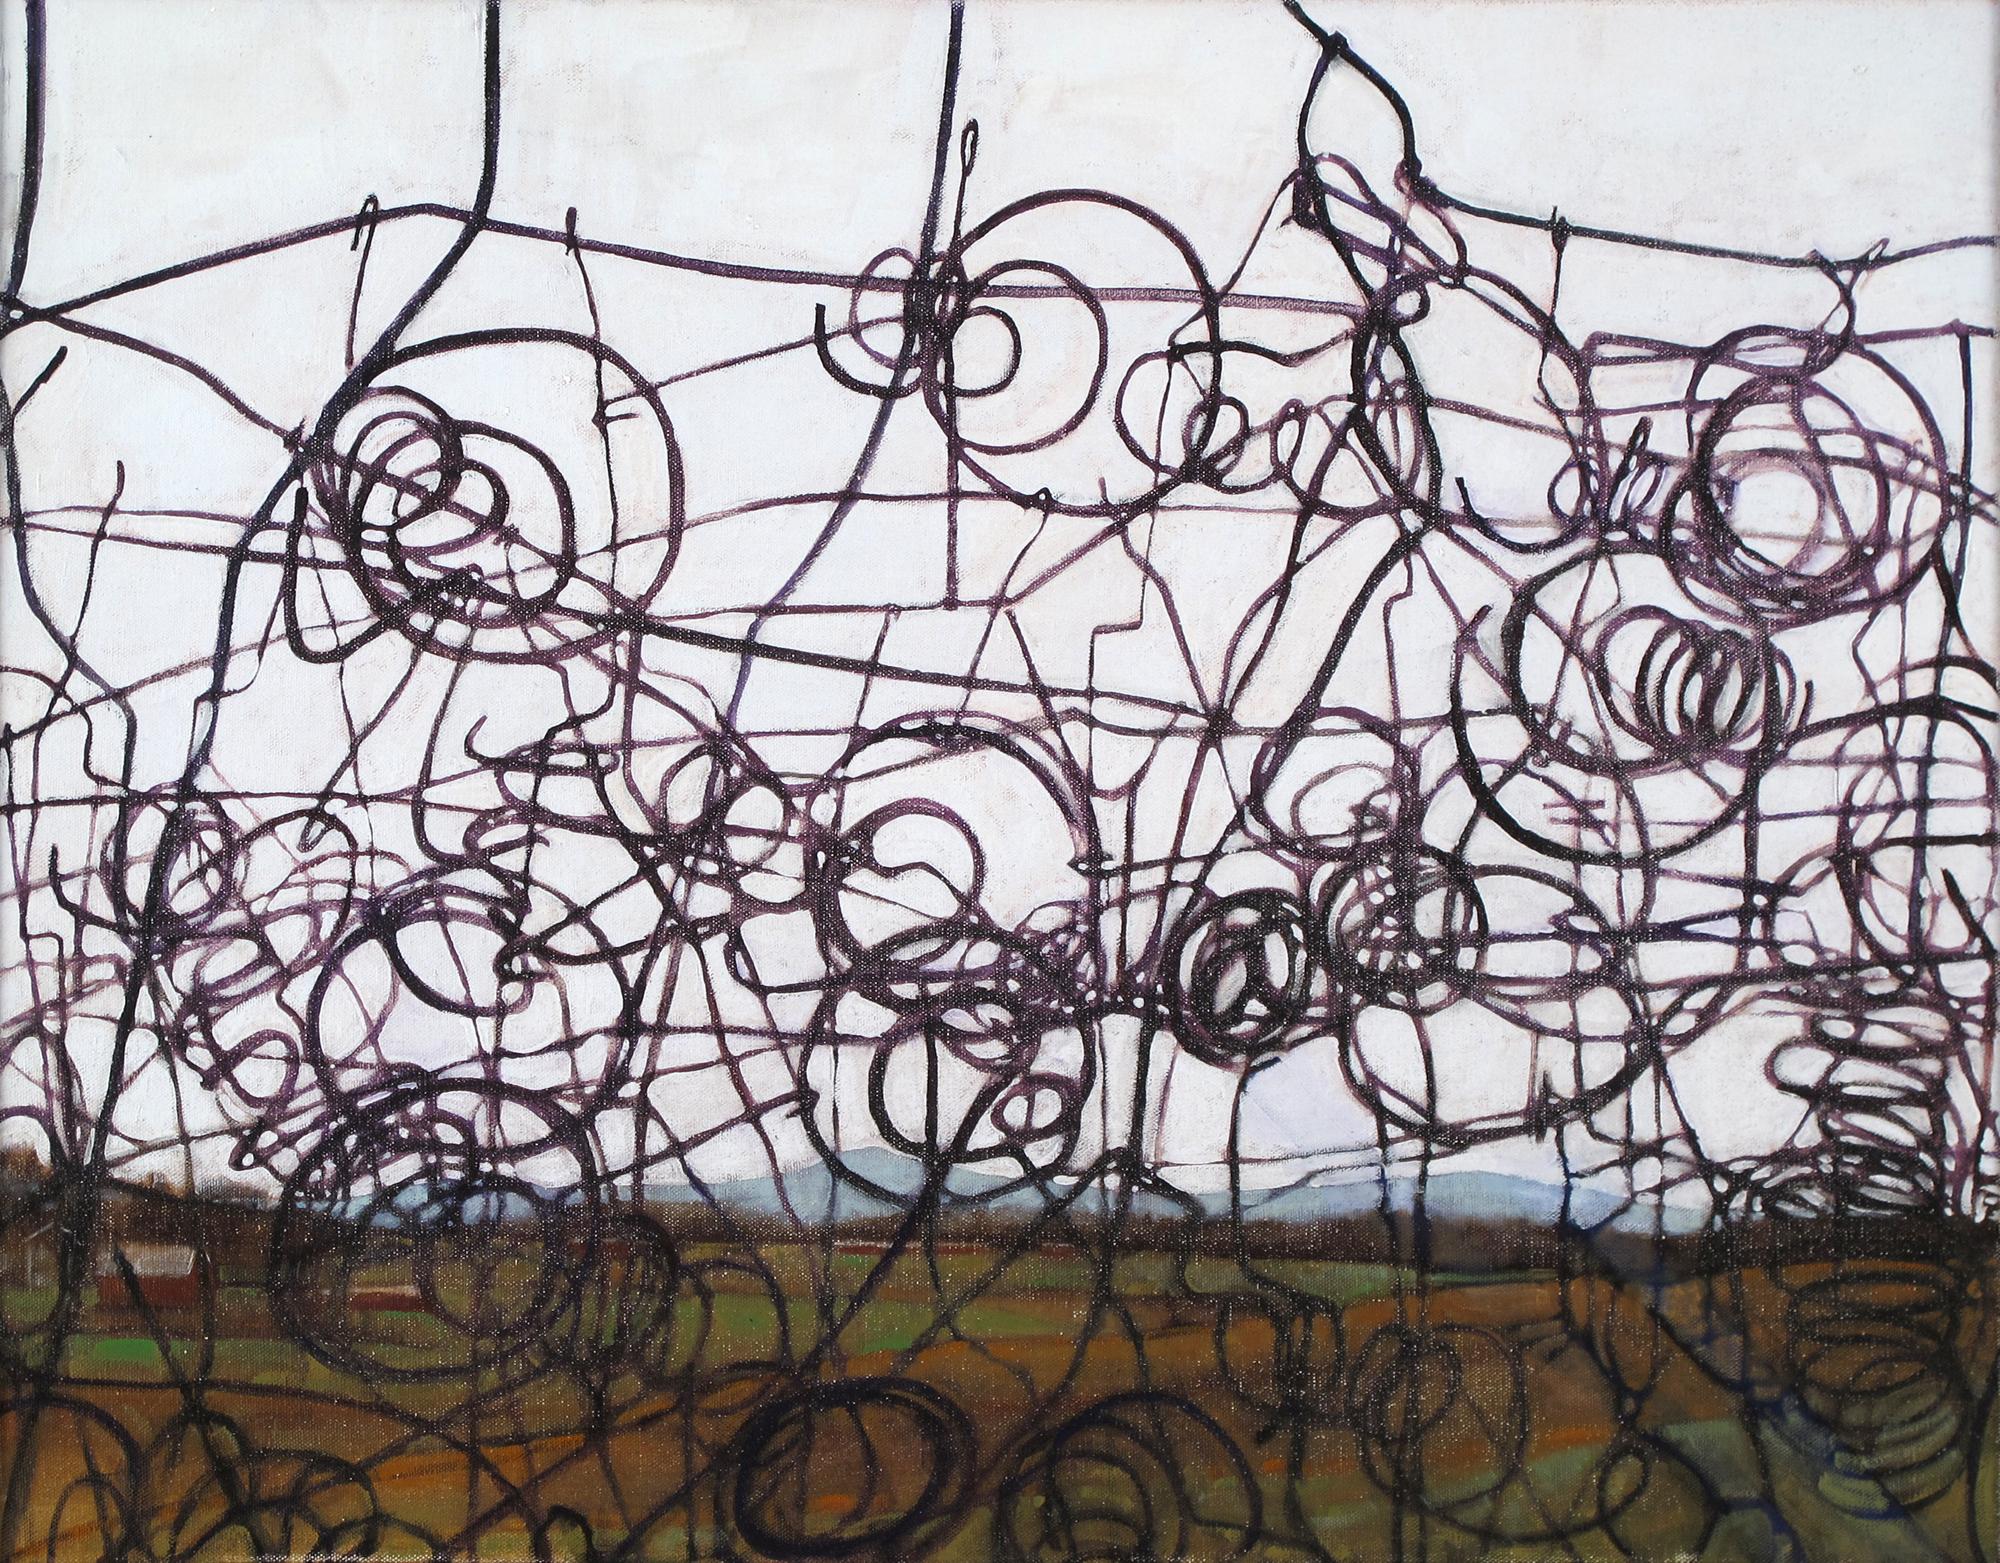 Landscape w/ Bedsprings: Judy Pfaff